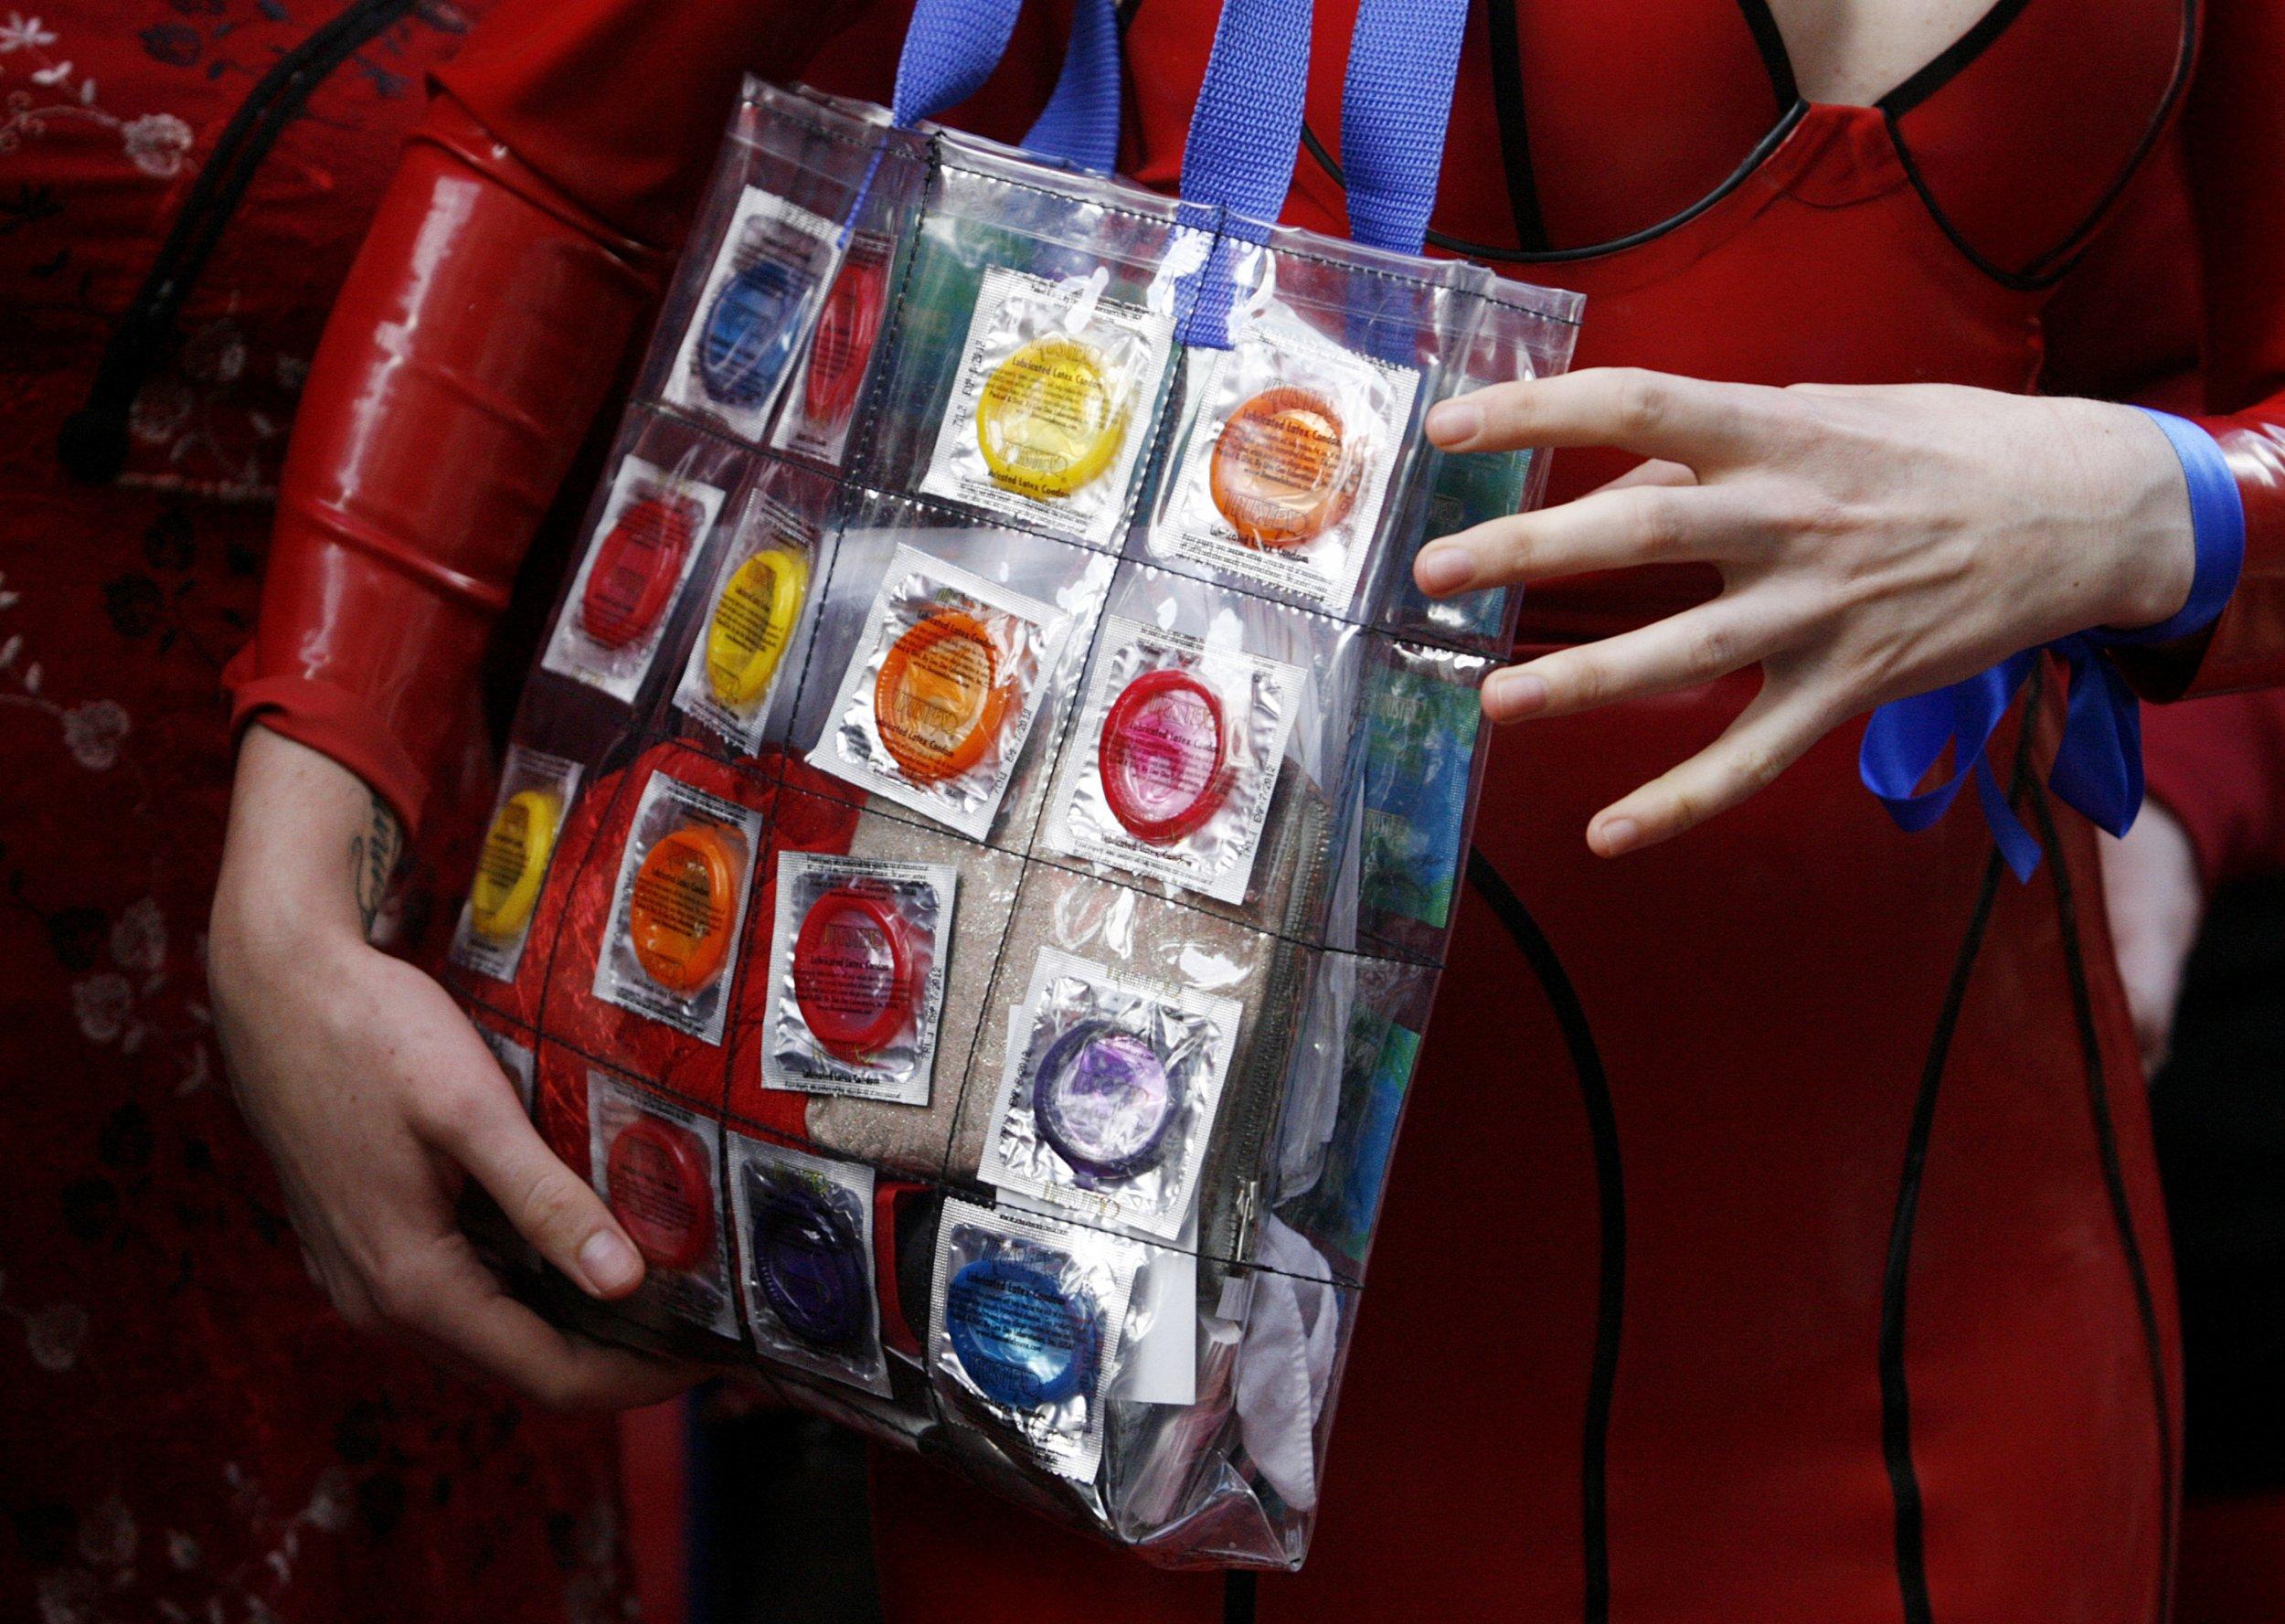 02_05_Condom